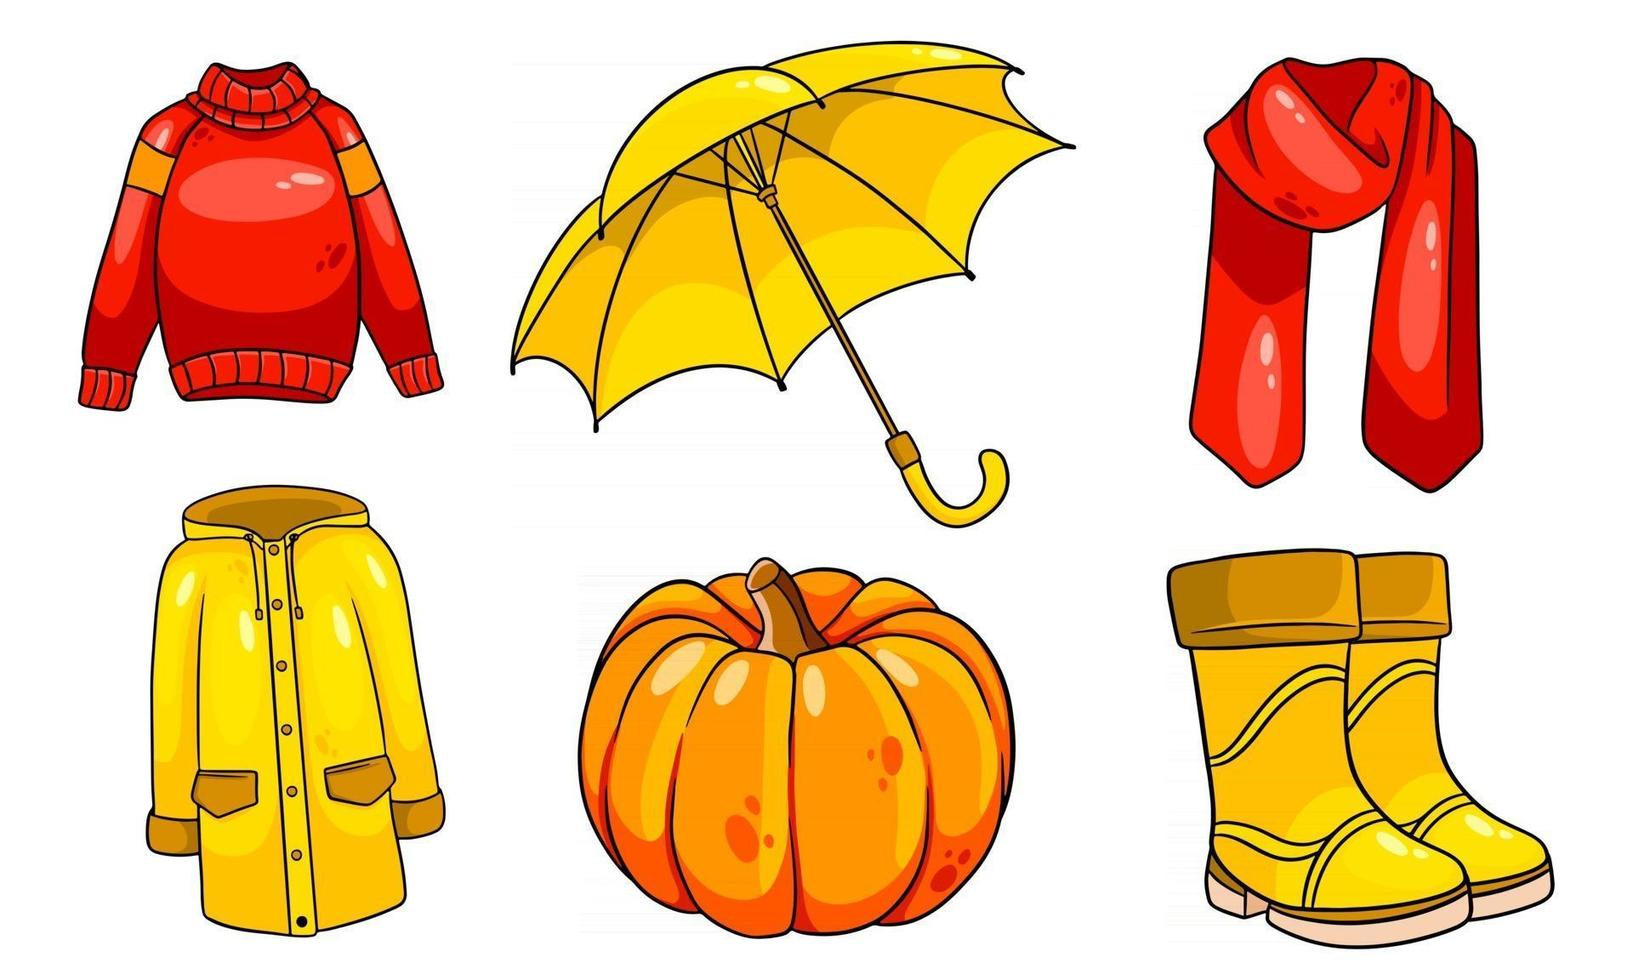 Herbst eingestellt. Kürbis, Schal, Regenmantel, Pullover, Gummistiefel, Regenschirm. vektor